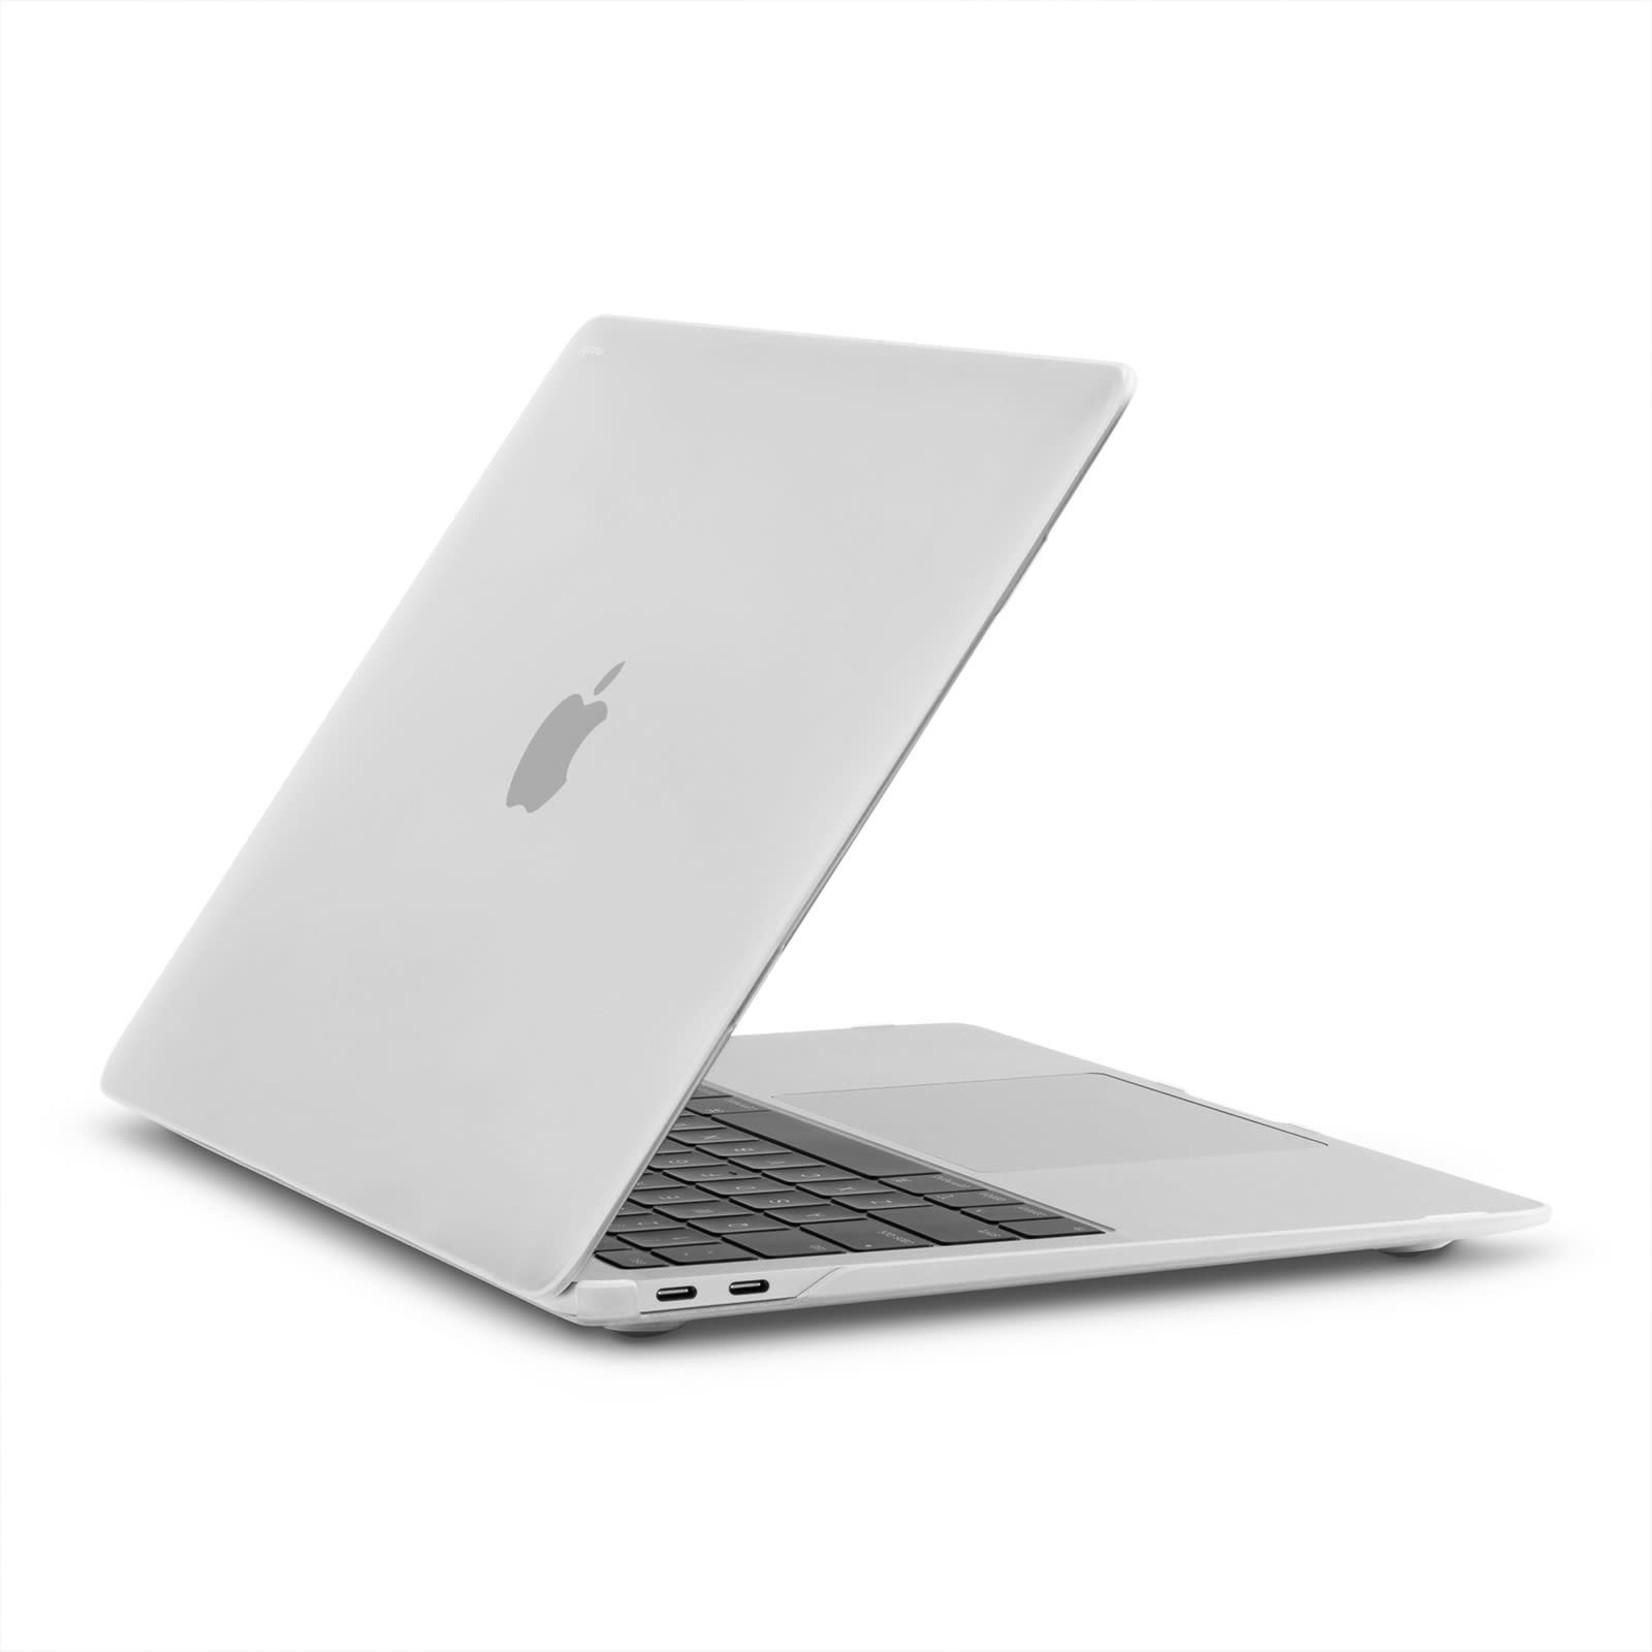 Moshi iGlaze for MacBook Air 13 (Thunderbolt 3/USB-C) - Clear